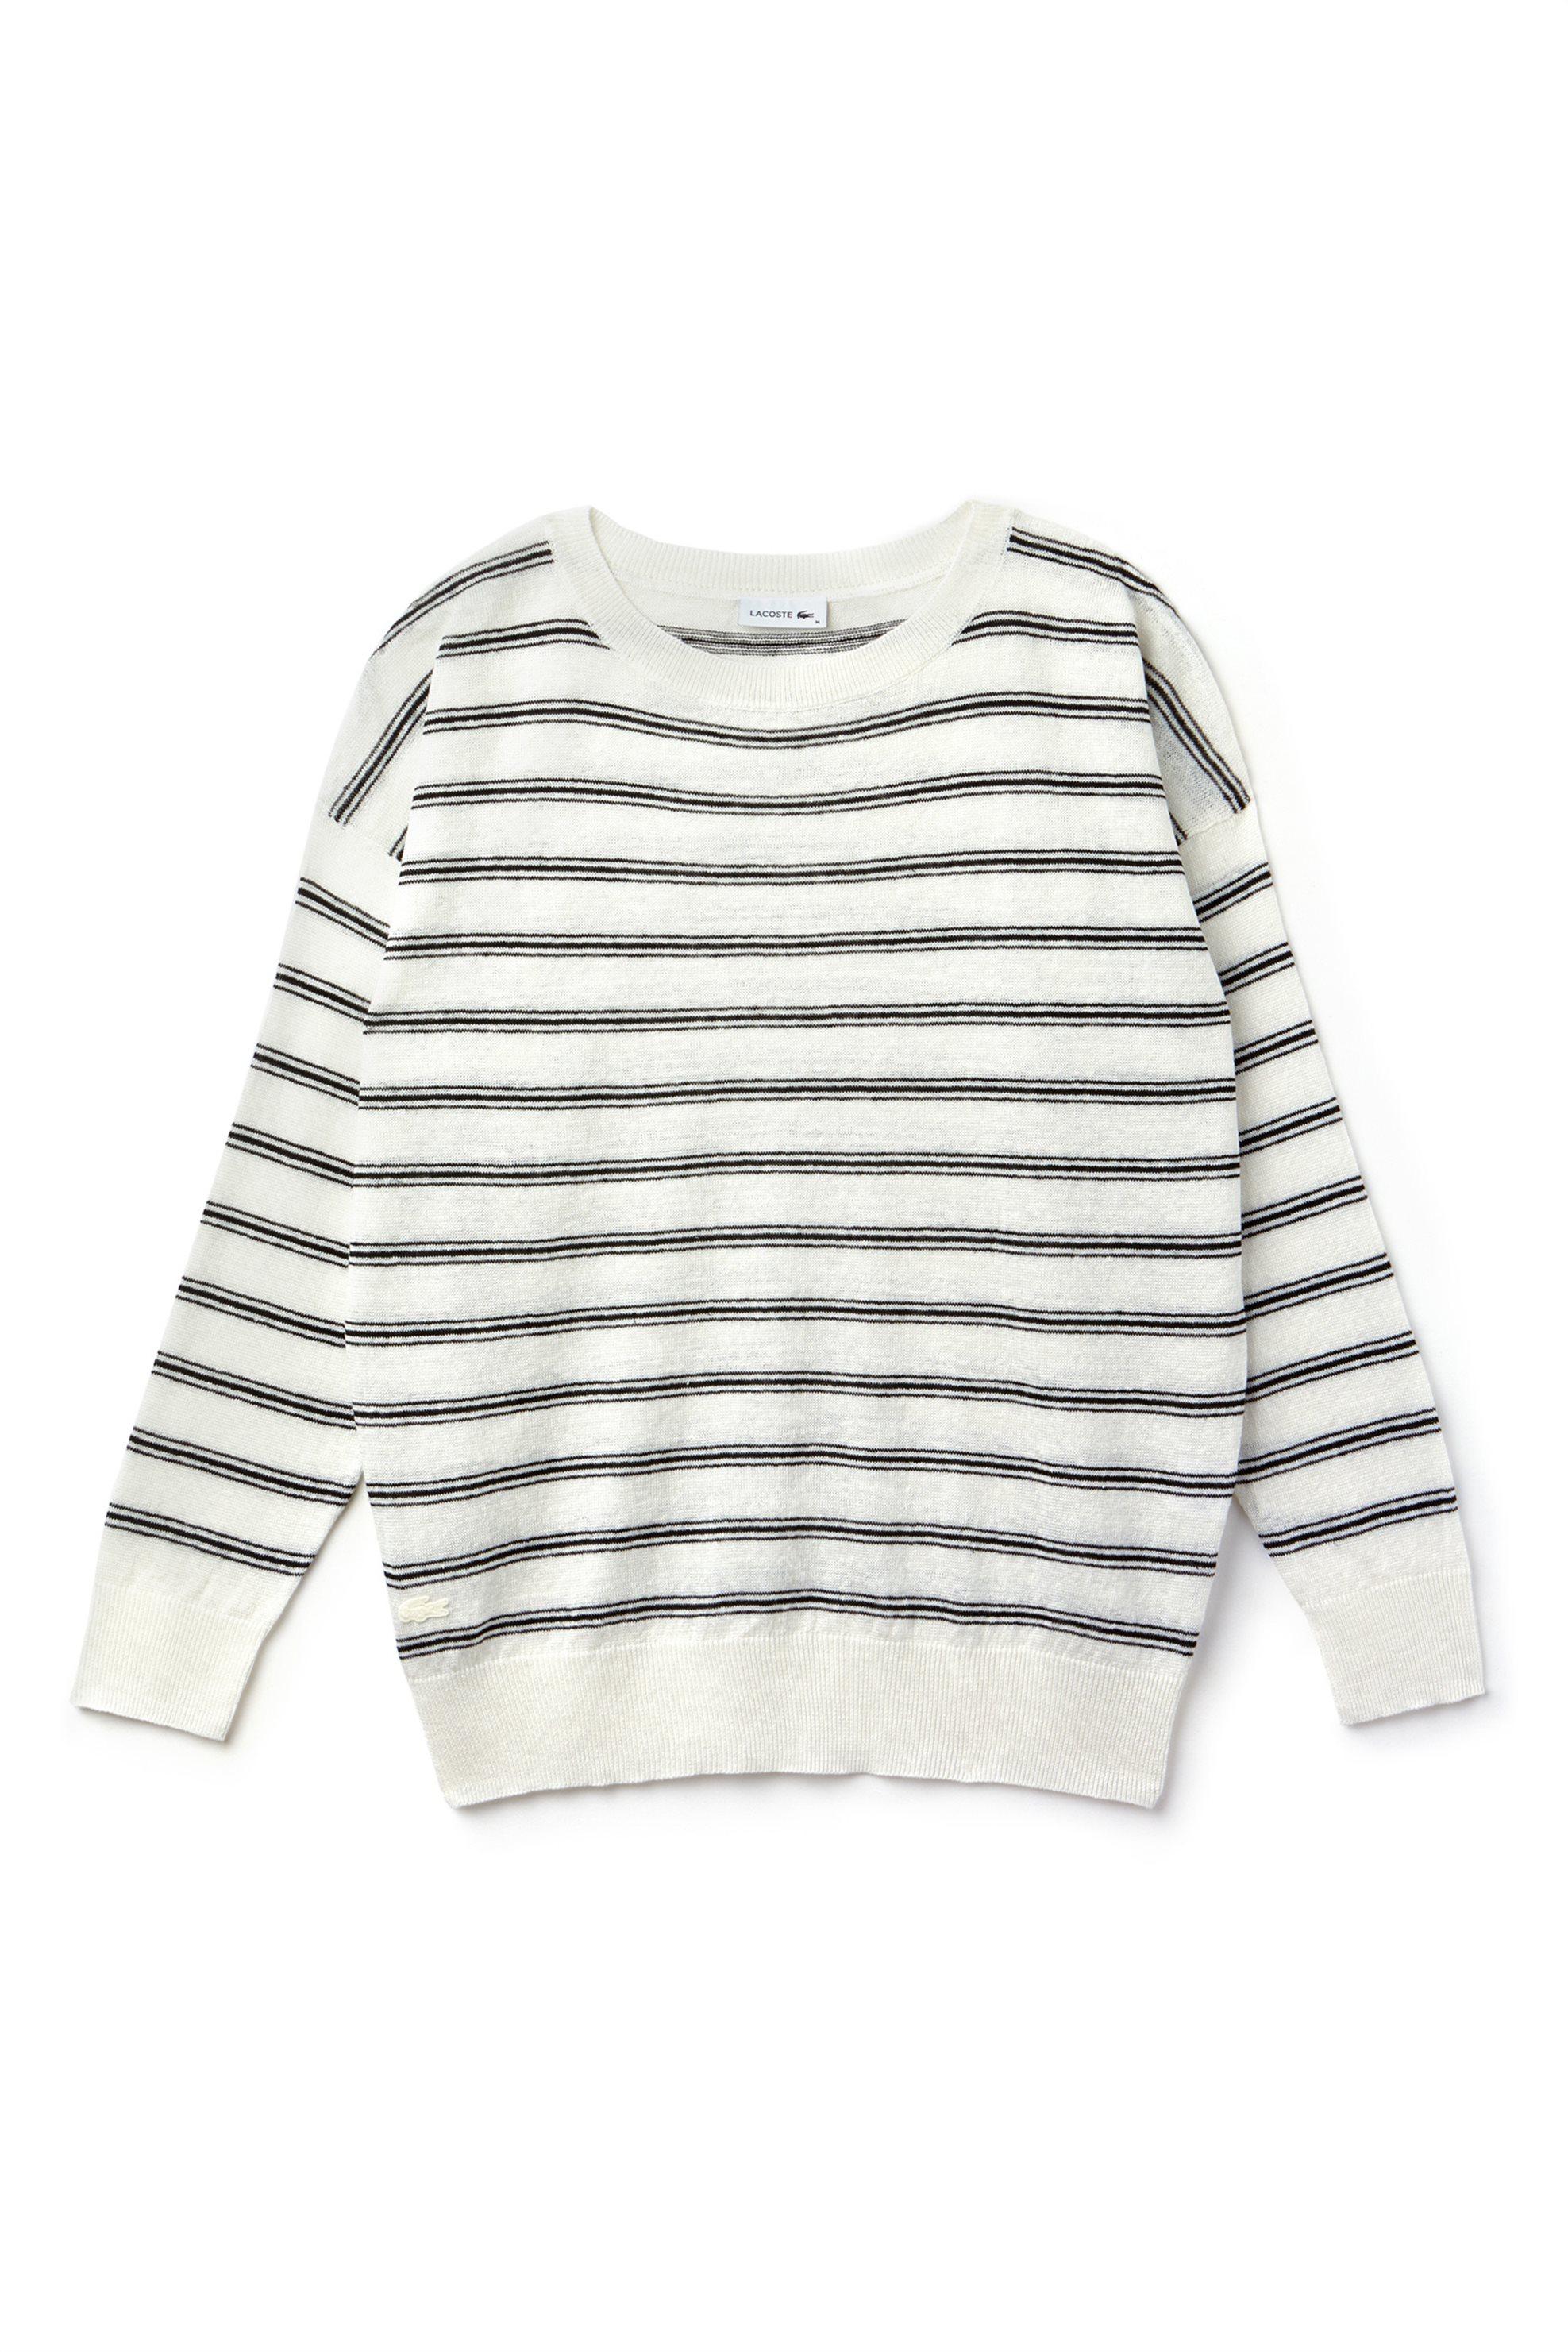 Γυναικείο πουλόβερ ριγέ Spring Bloom S/S 2018 Collection Lacoste - AF6421 - Μπεζ γυναικα   ρουχα   πλεκτά   πουλόβερ